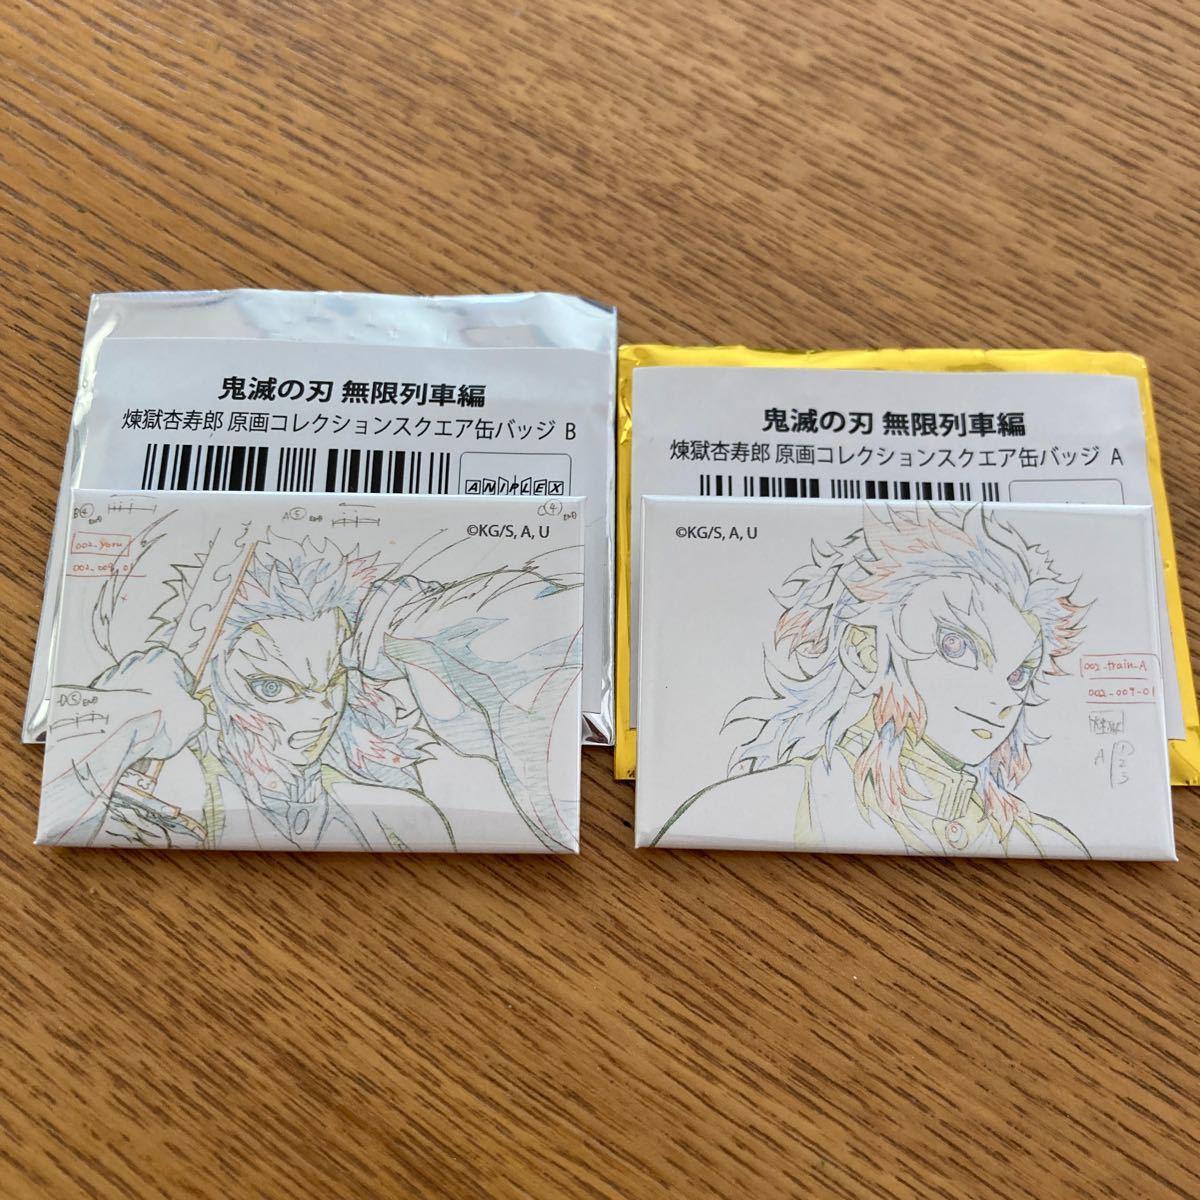 鬼滅の刃 無限列車編 煉獄杏寿郎 原画コレクションスクエア缶バッジ A B 原画缶バッジ